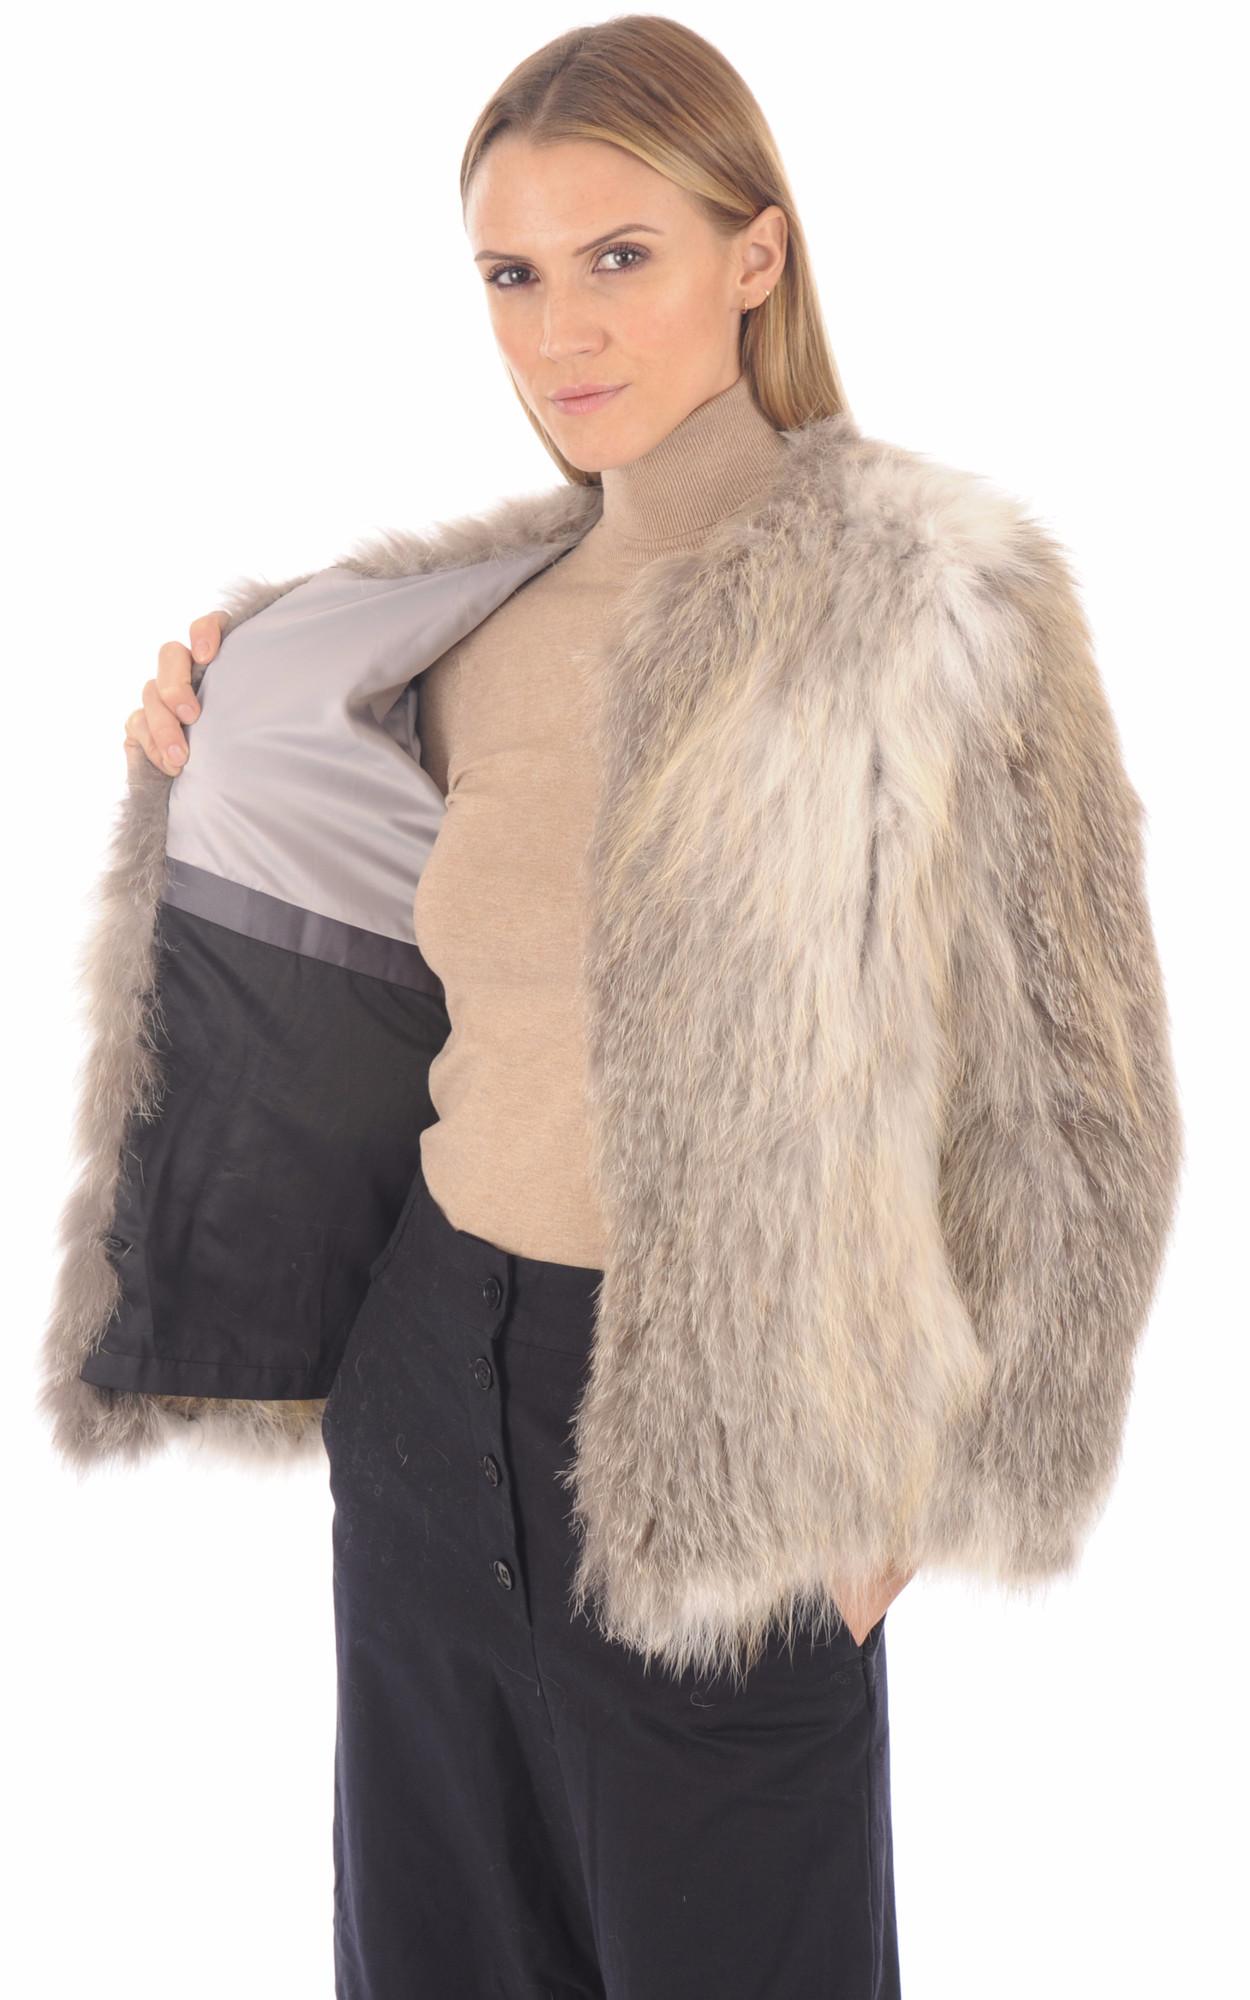 Veste fourrure femme blanche